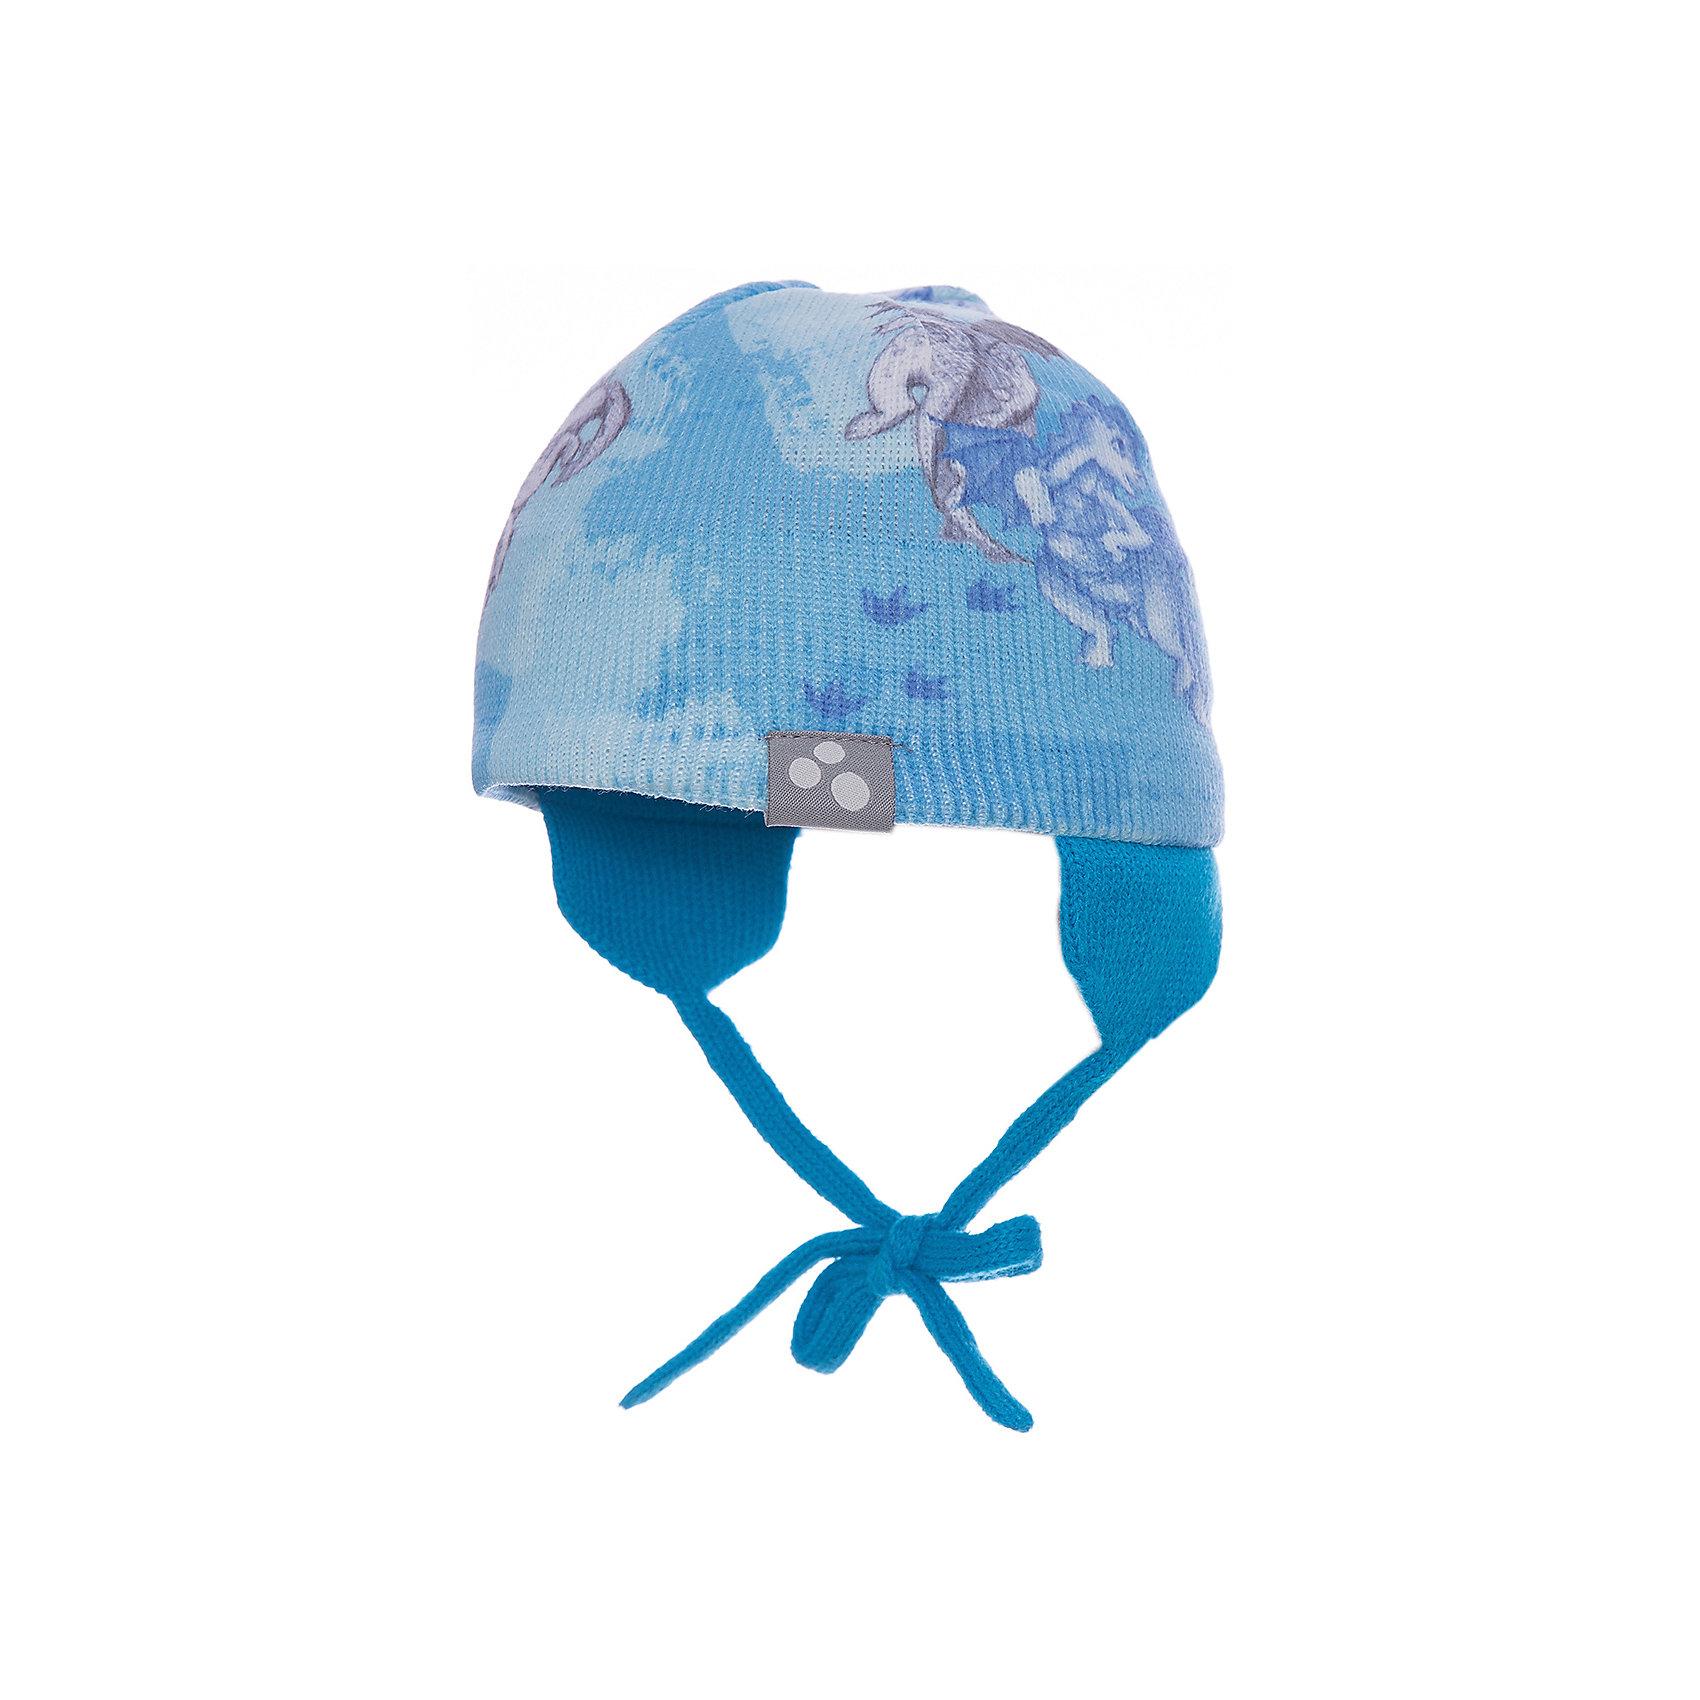 Шапка CAIRO для мальчика HuppaГоловные уборы<br>Характеристики товара:<br><br>• цвет: светло-голубой принт<br>• состав: 100% акрил<br>• температурный режим: от 0°С до +10°С<br>• демисезонная<br>• логотип<br>• защита ушей<br>• комфортная посадка<br>• завязки<br>• мягкий материал<br>• страна бренда: Эстония<br><br>Эта шапка обеспечит детям тепло и комфорт. Она сделана из приятного на ощупь мягкого материала. Шапка очень симпатично смотрится, а дизайн и расцветка позволяют сочетать её с различной одеждой. Модель была разработана специально для детей.<br><br>Одежда и обувь от популярного эстонского бренда Huppa - отличный вариант одеть ребенка можно и комфортно. Вещи, выпускаемые компанией, качественные, продуманные и очень удобные. Для производства изделий используются только безопасные для детей материалы. Продукция от Huppa порадует и детей, и их родителей!<br><br>Шапку CAIRO от бренда Huppa (Хуппа) можно купить в нашем интернет-магазине.<br><br>Ширина мм: 89<br>Глубина мм: 117<br>Высота мм: 44<br>Вес г: 155<br>Цвет: синий<br>Возраст от месяцев: 6<br>Возраст до месяцев: 12<br>Пол: Мужской<br>Возраст: Детский<br>Размер: 43-45,55-57,47-49,51-53<br>SKU: 5347667